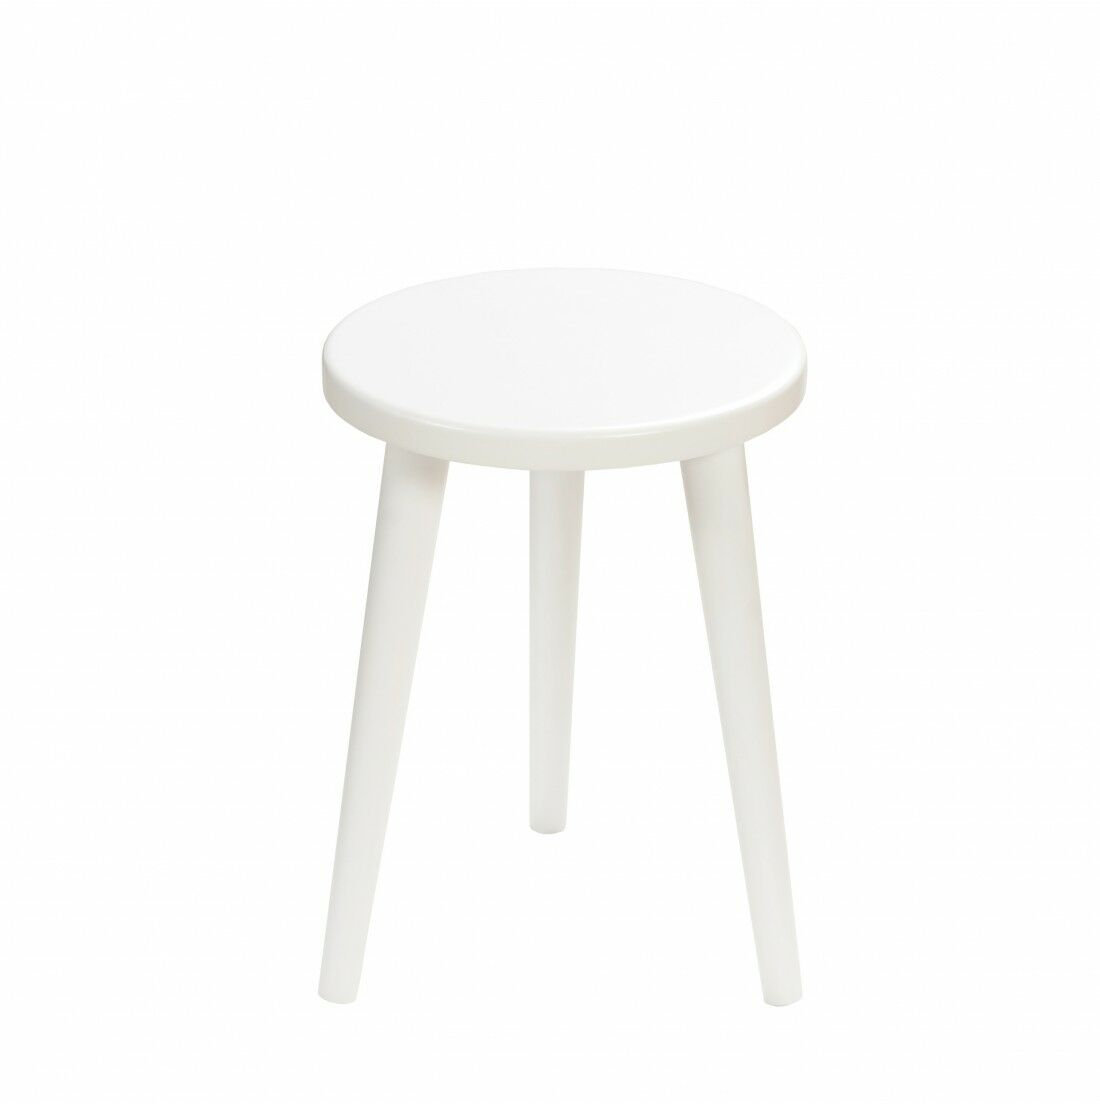 Taboret okrągły ze sklejki Crystal White, Wykończenie nogi - Biały, Wysokość - 340, Wymiar siedziska (Średnica) - 300